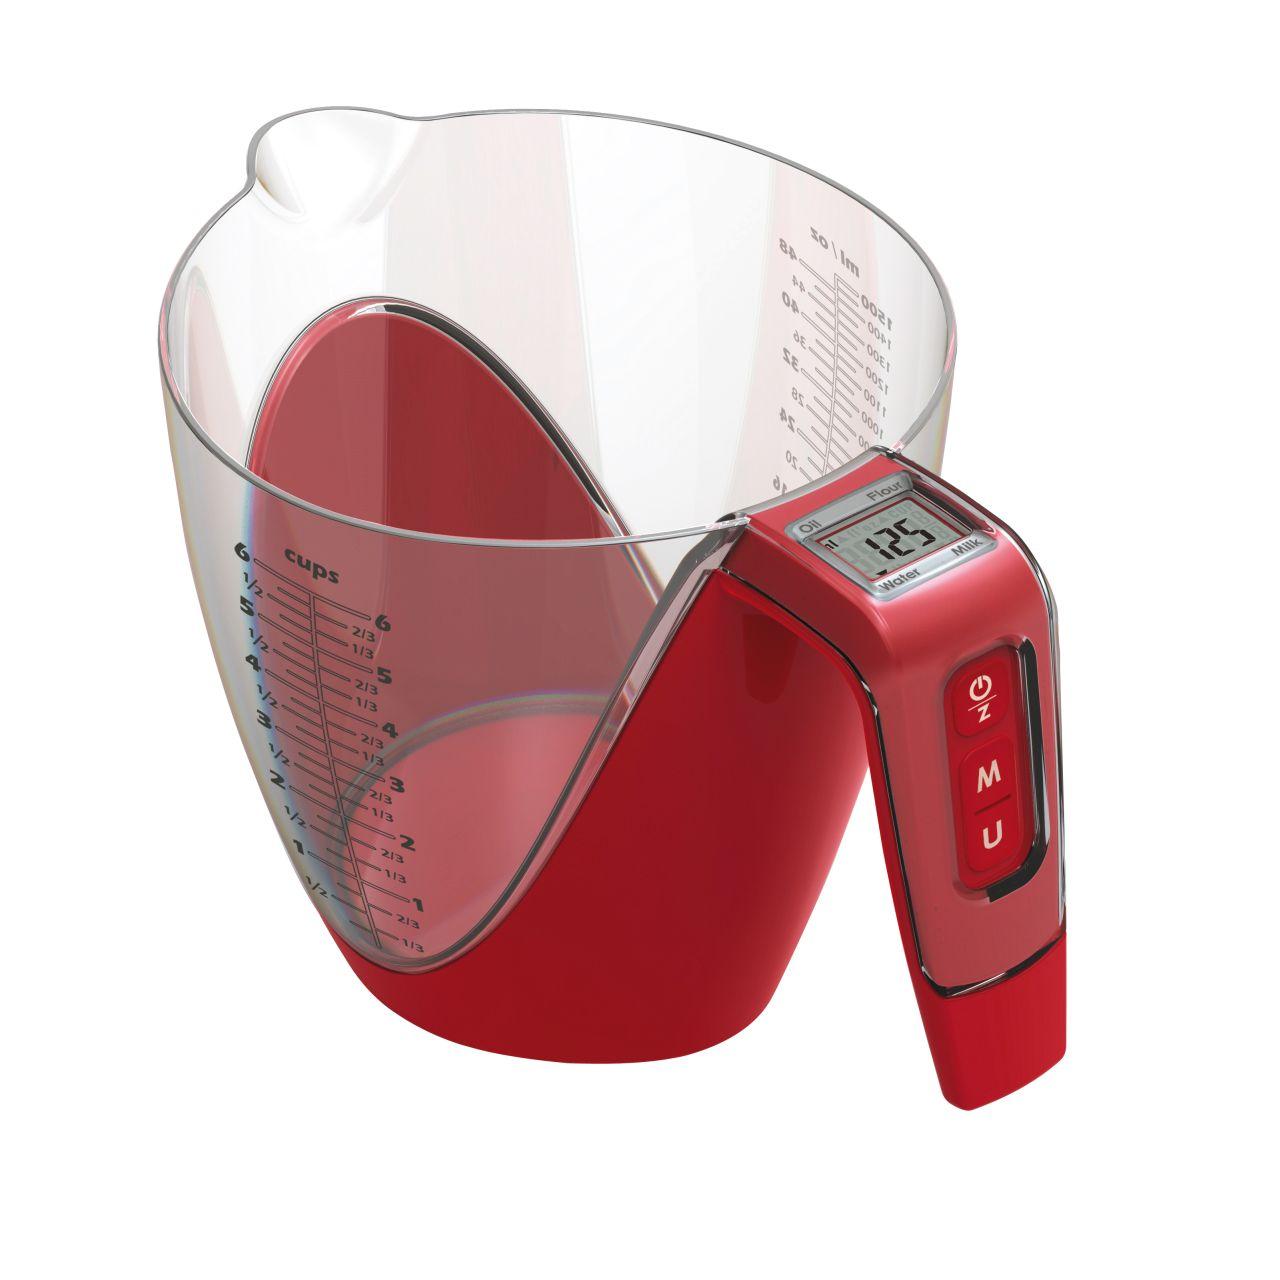 Kuchyňská váha s odměrkou 2in1 červená - Carlo Giannini